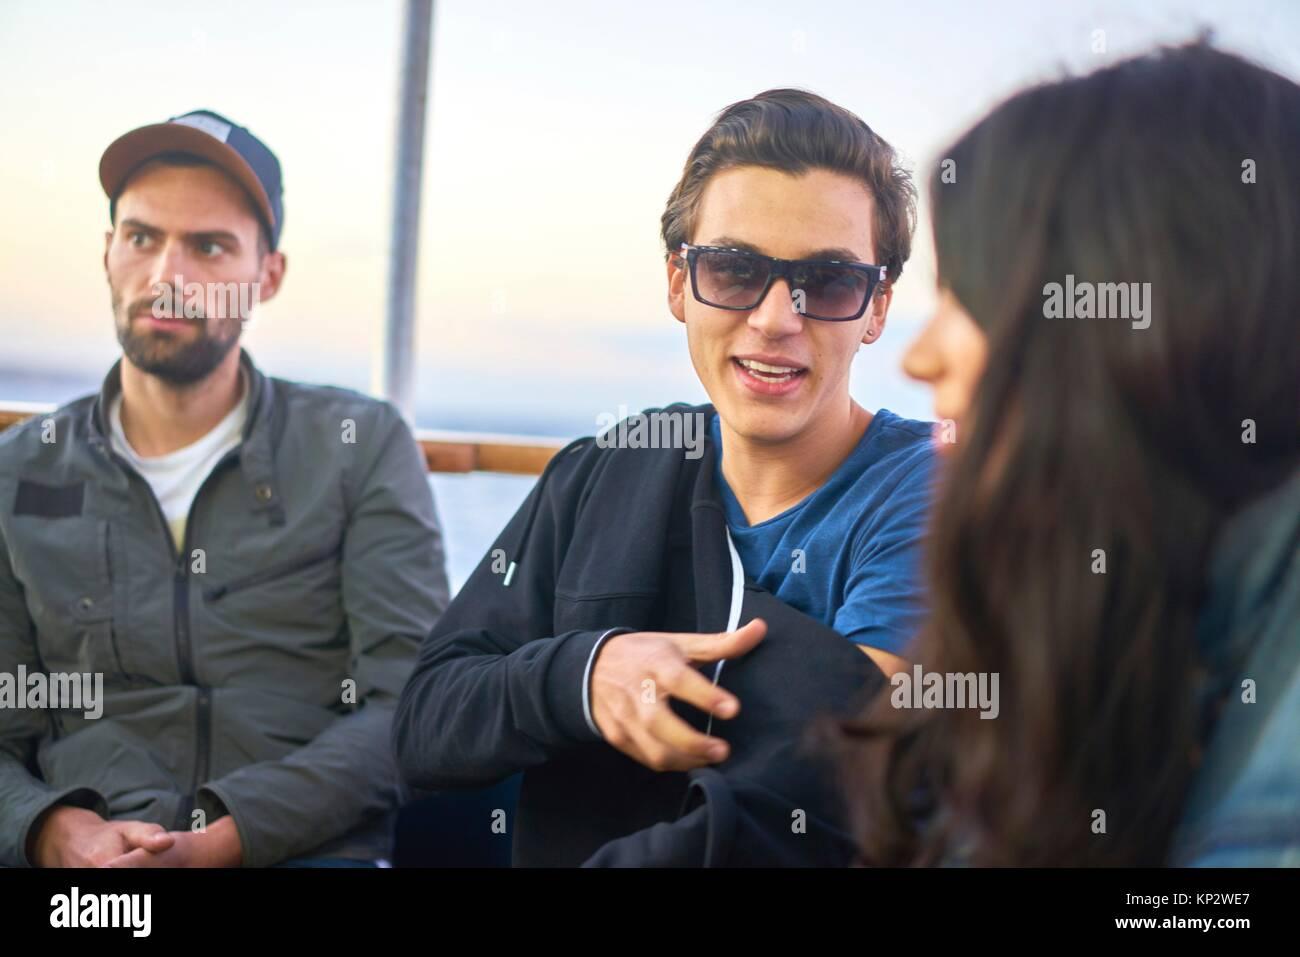 Giovani persone internazionale durante la conversazione Immagini Stock